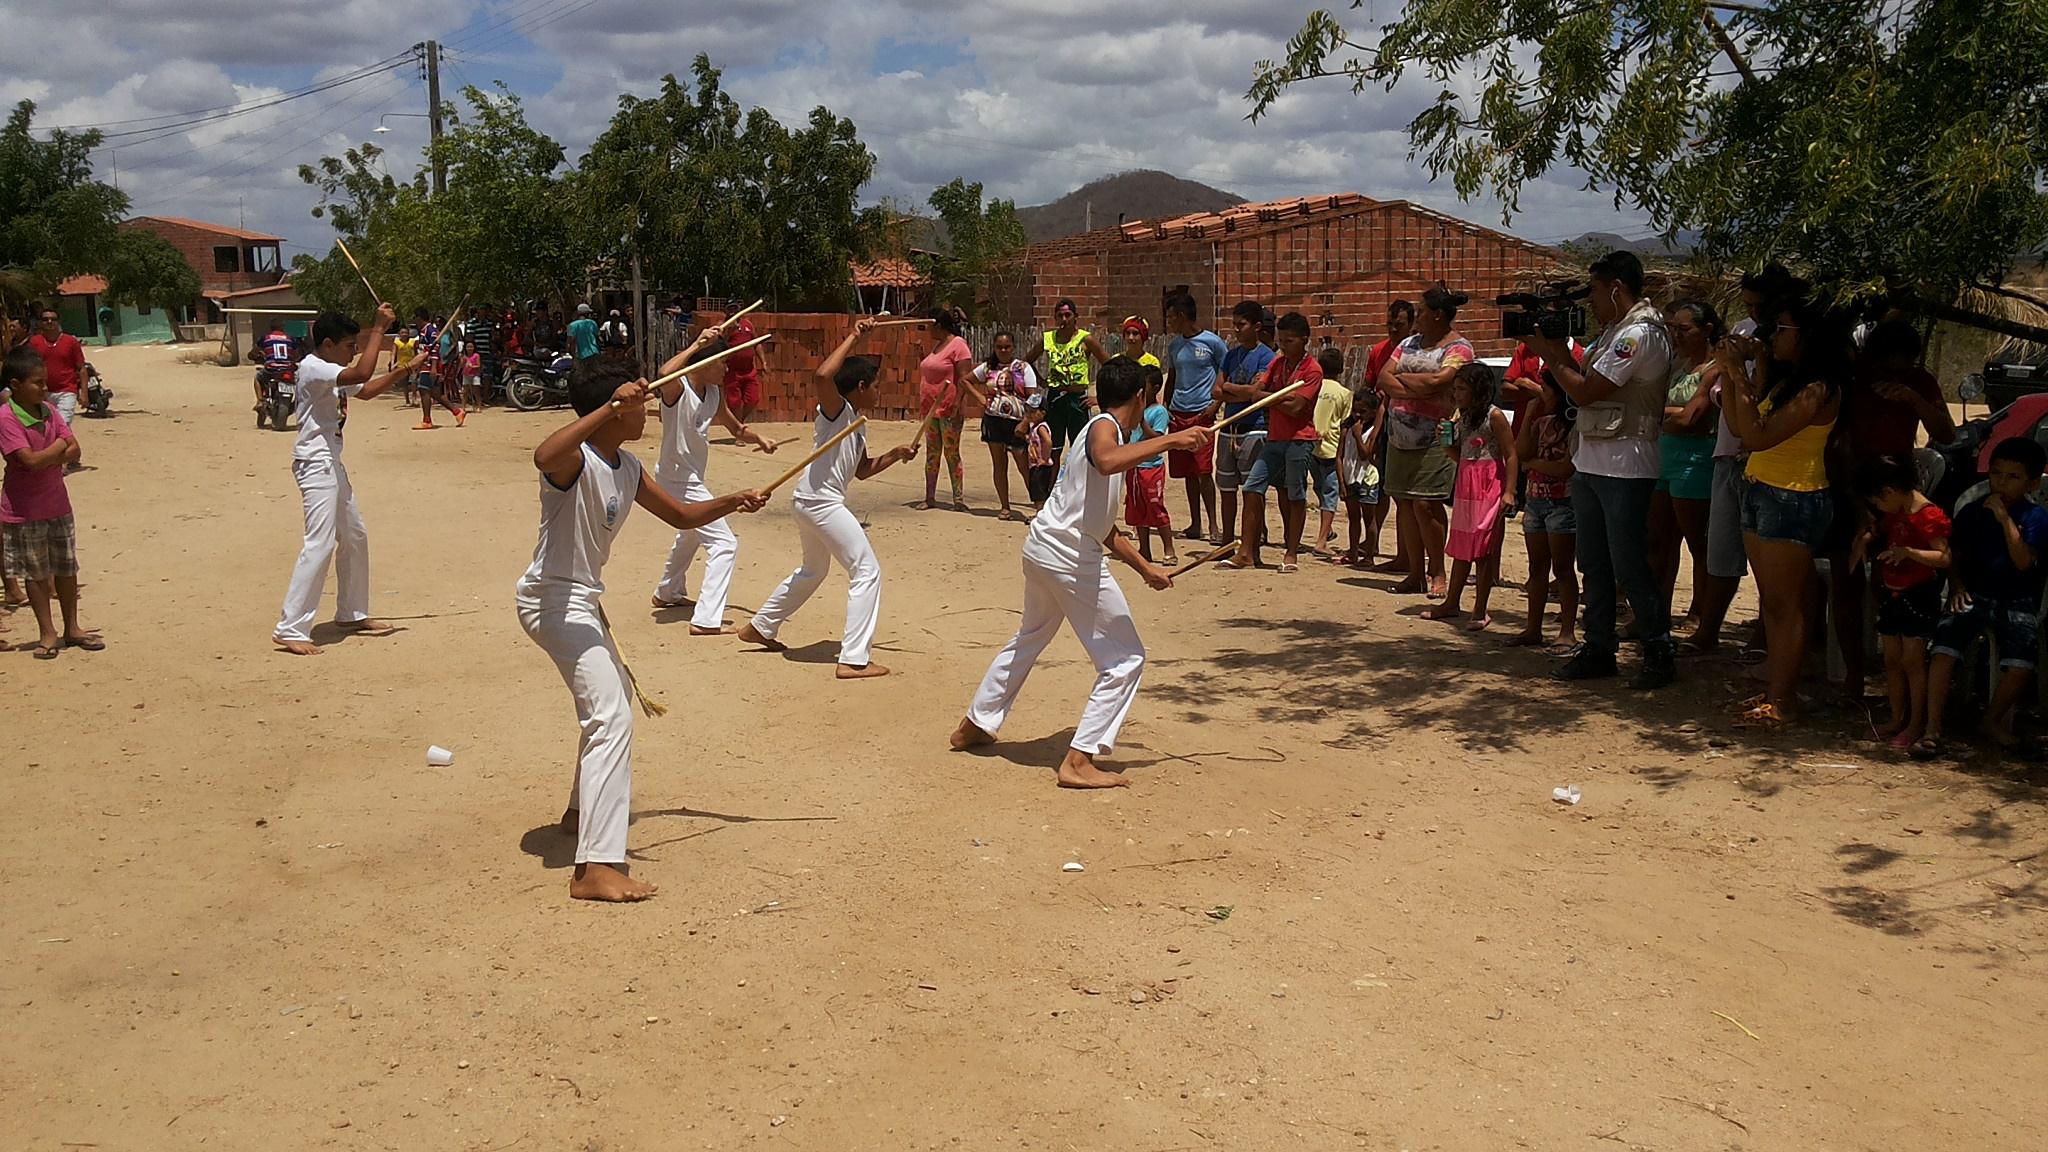 Equipe do Programa Só de H marcando presença na Corrida de carrinhos de mão em Maranguape. Produção/Foto Dadynha Saturnino